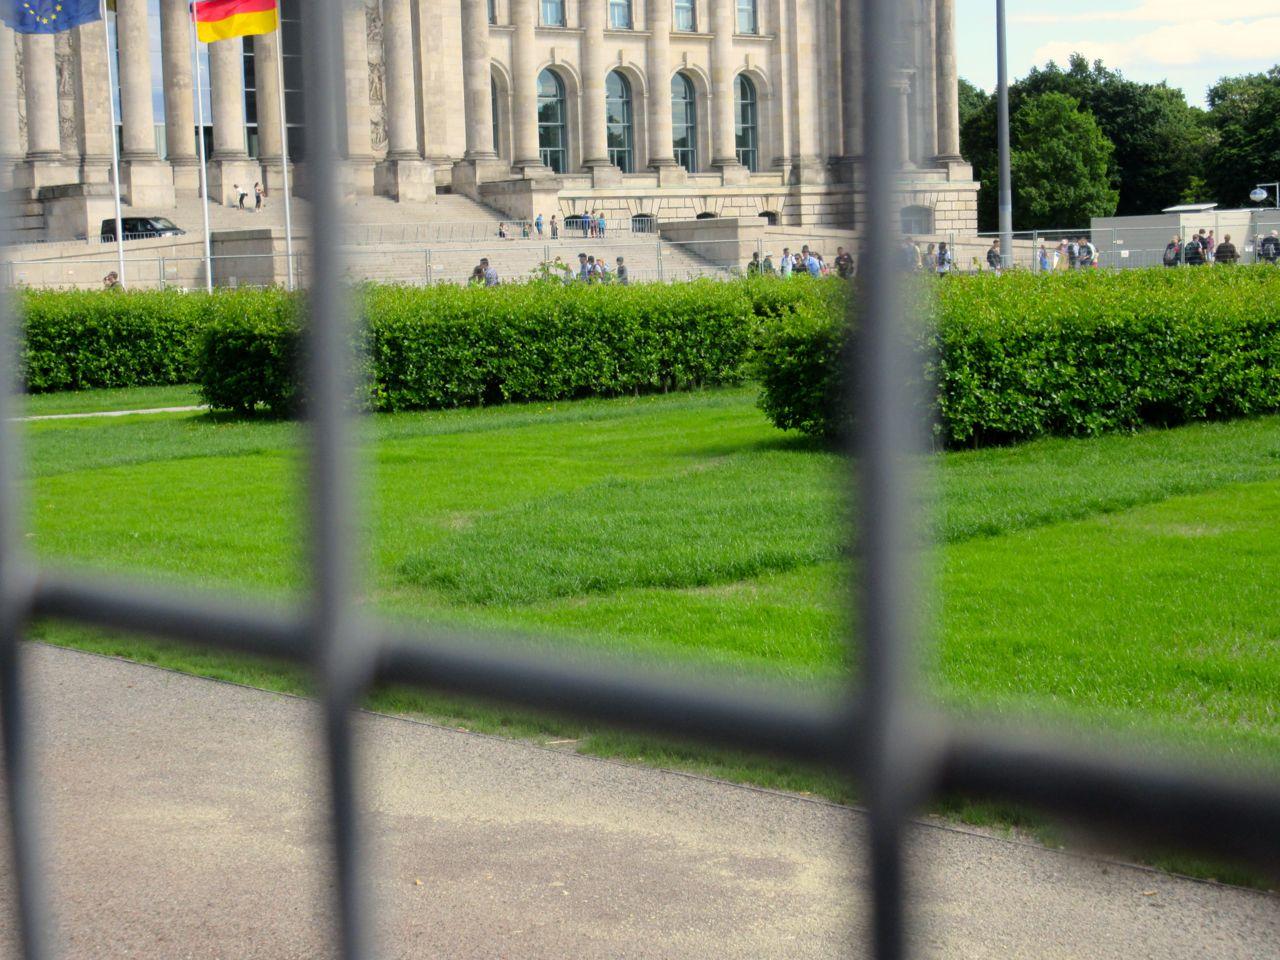 Rasen vor dem Reichstag, Juni 2015